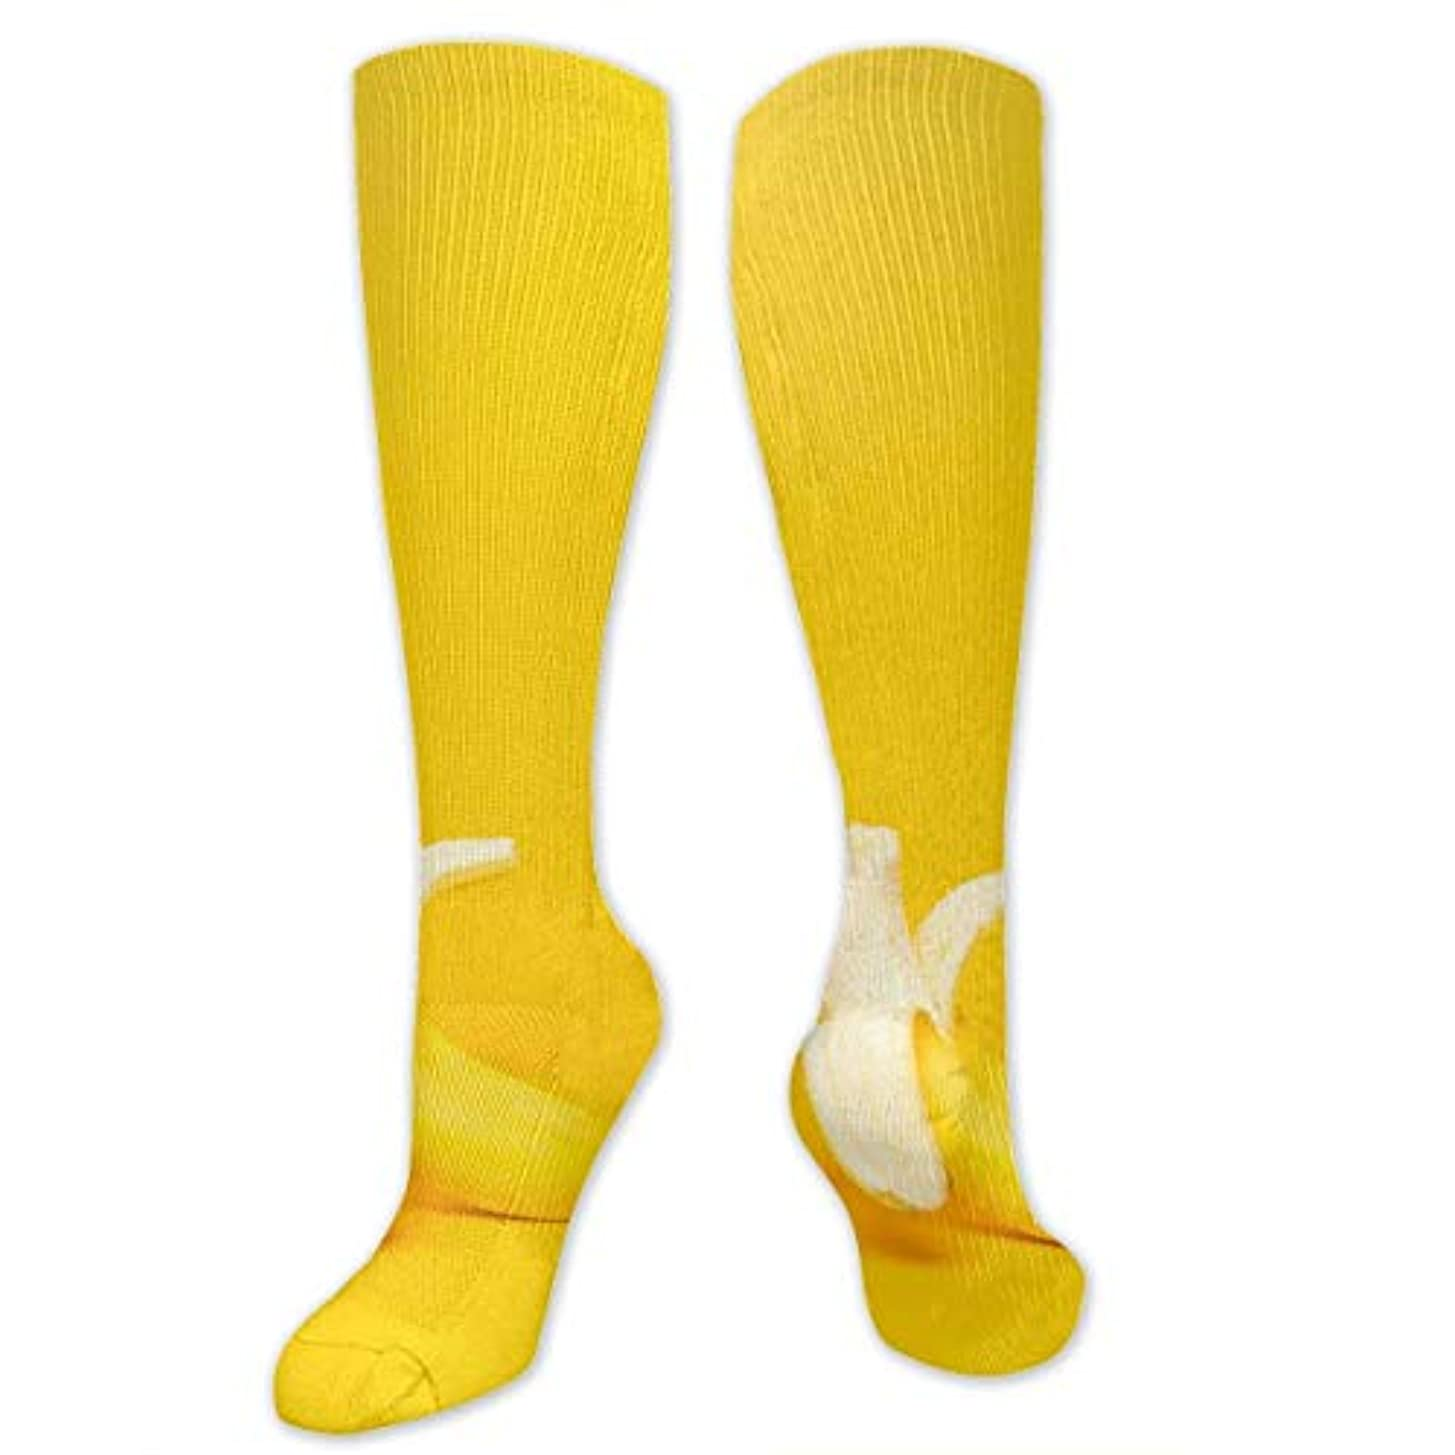 群れ閃光写真の靴下,ストッキング,野生のジョーカー,実際,秋の本質,冬必須,サマーウェア&RBXAA Peeled Banana Socks Women's Winter Cotton Long Tube Socks Cotton Solid...